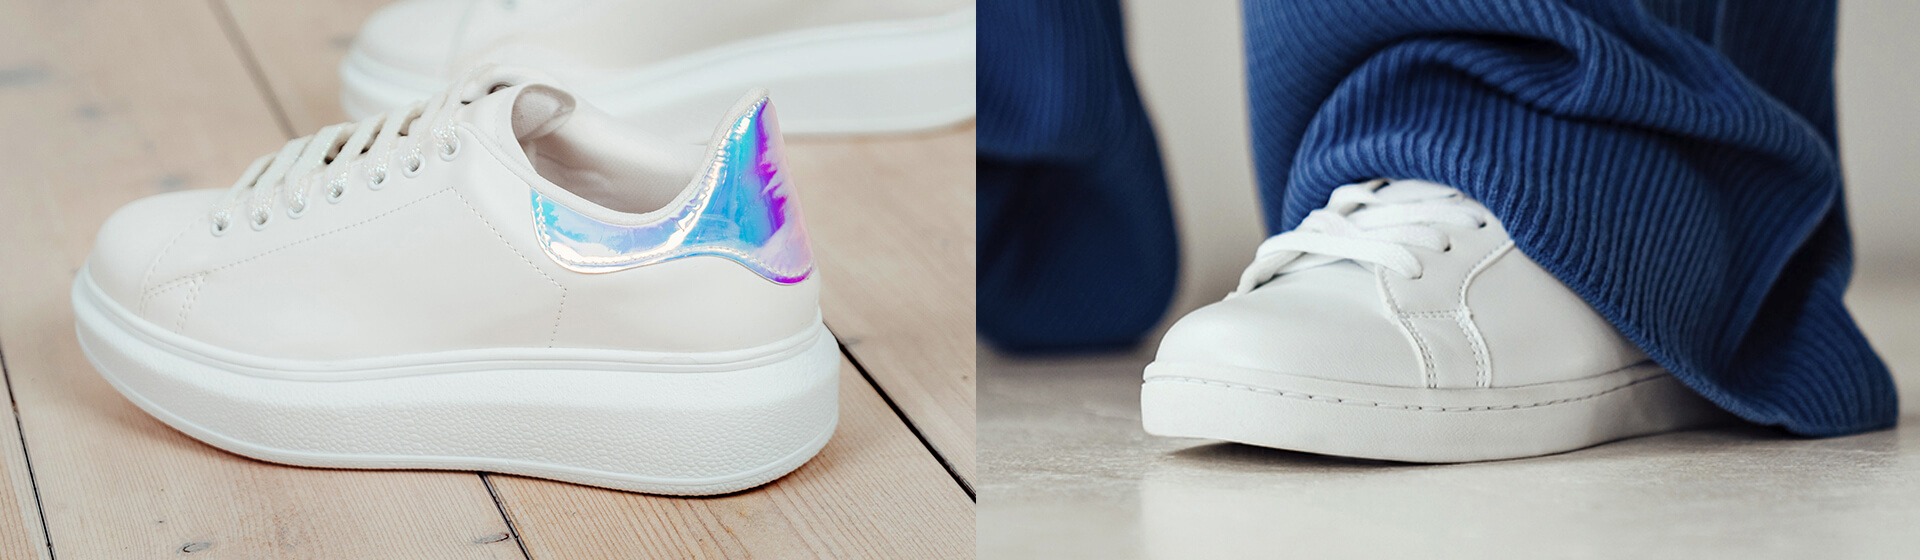 Las tendencias en sneakers para mujer de este año